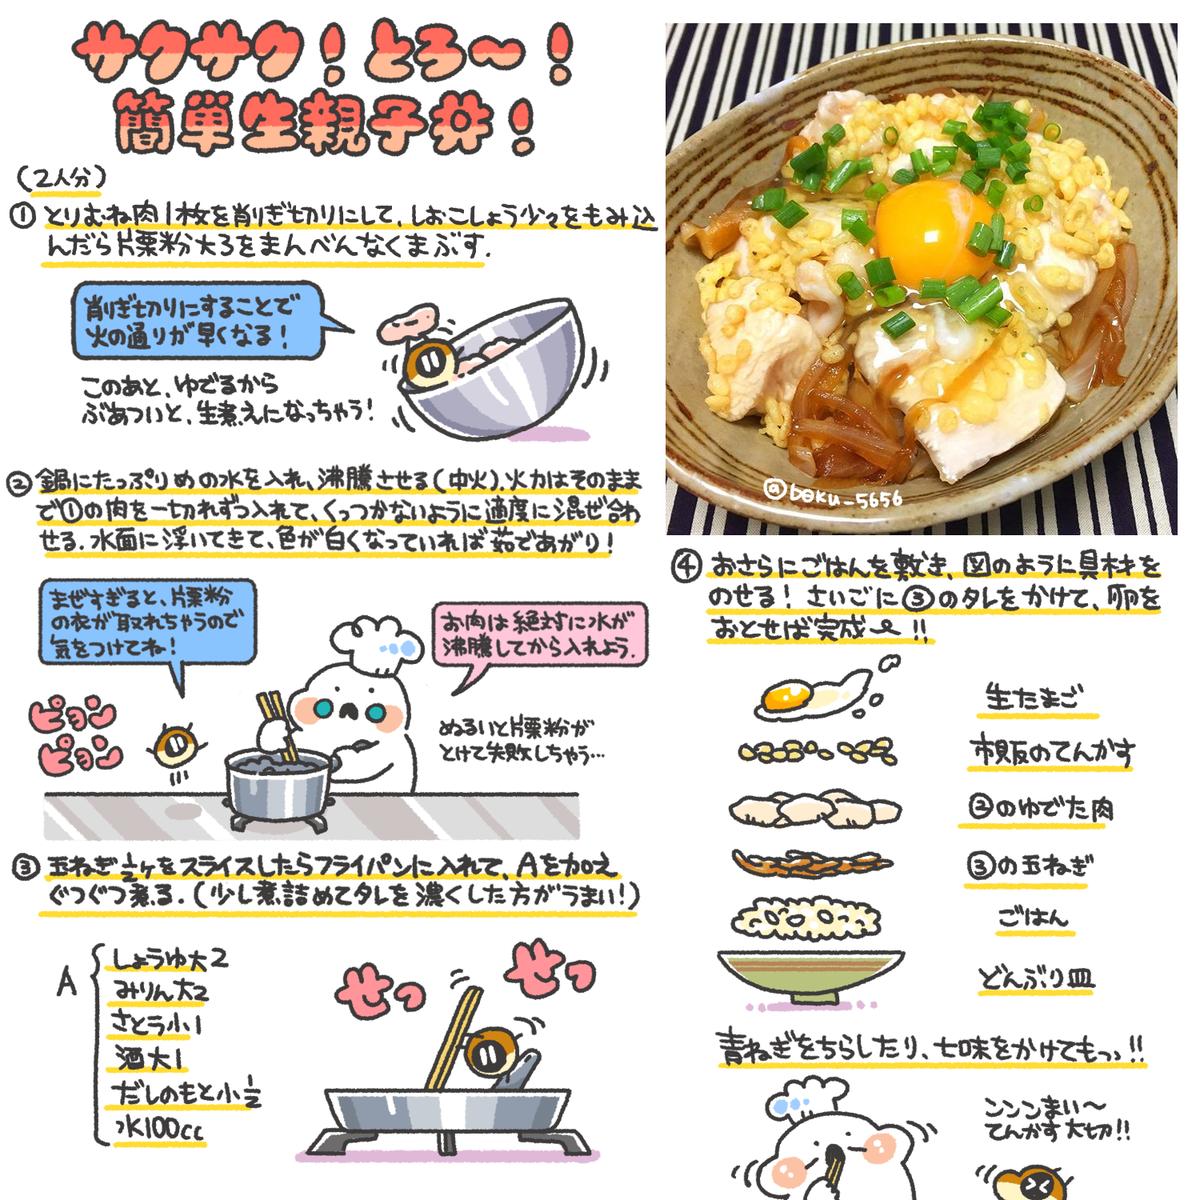 サクサク!とろ〜!簡単生親子丼のレシピをまとめました(งOO)ง